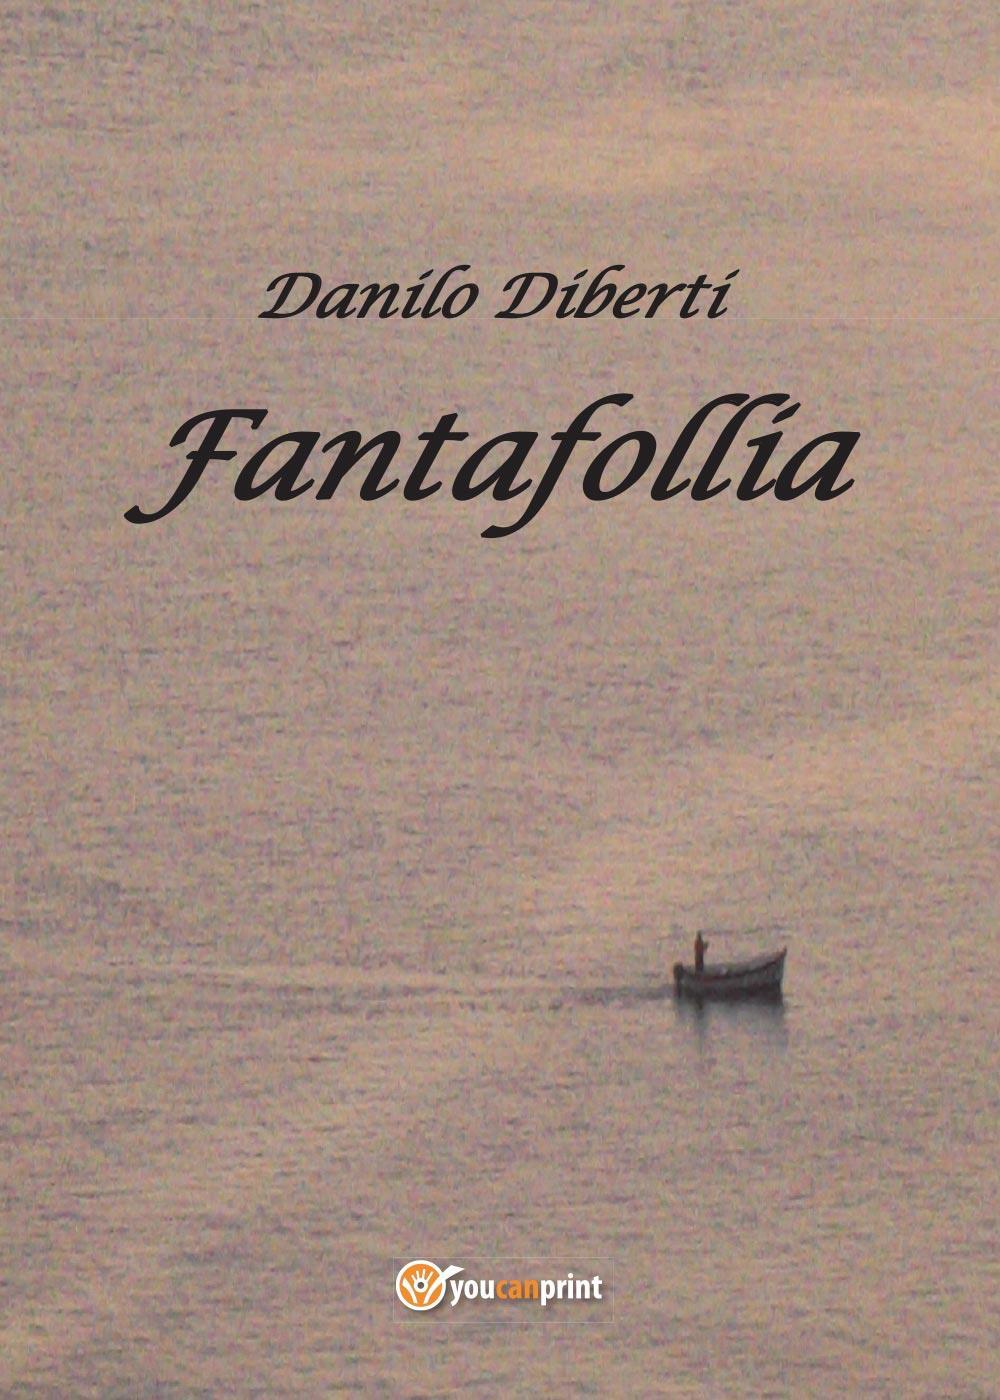 Fantafollia